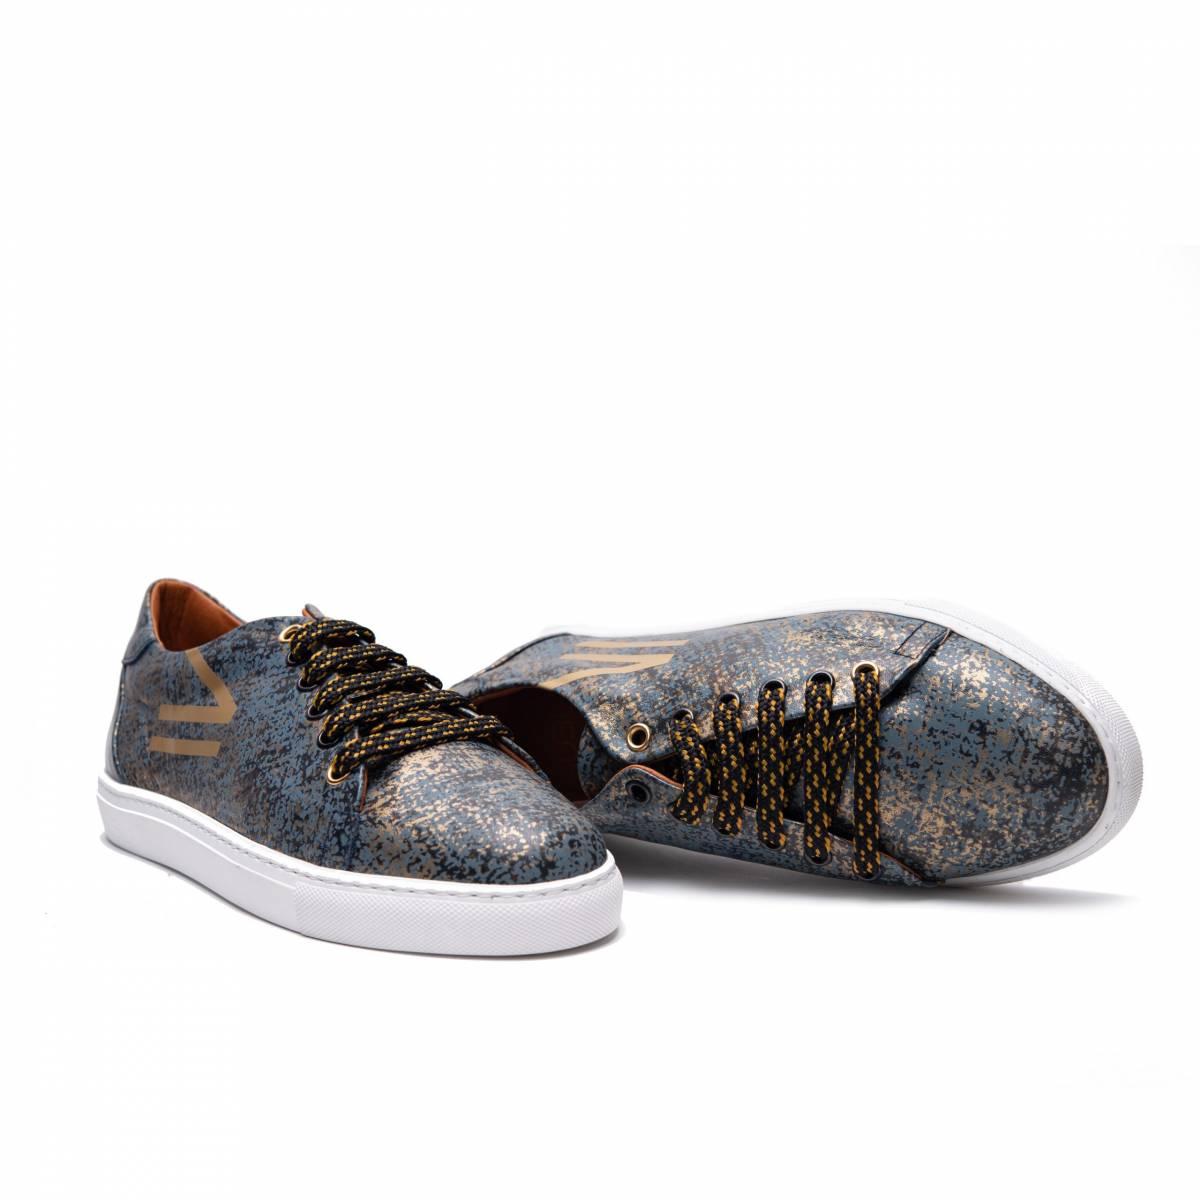 Doble-sneaker-azul-oro-lr.jpg